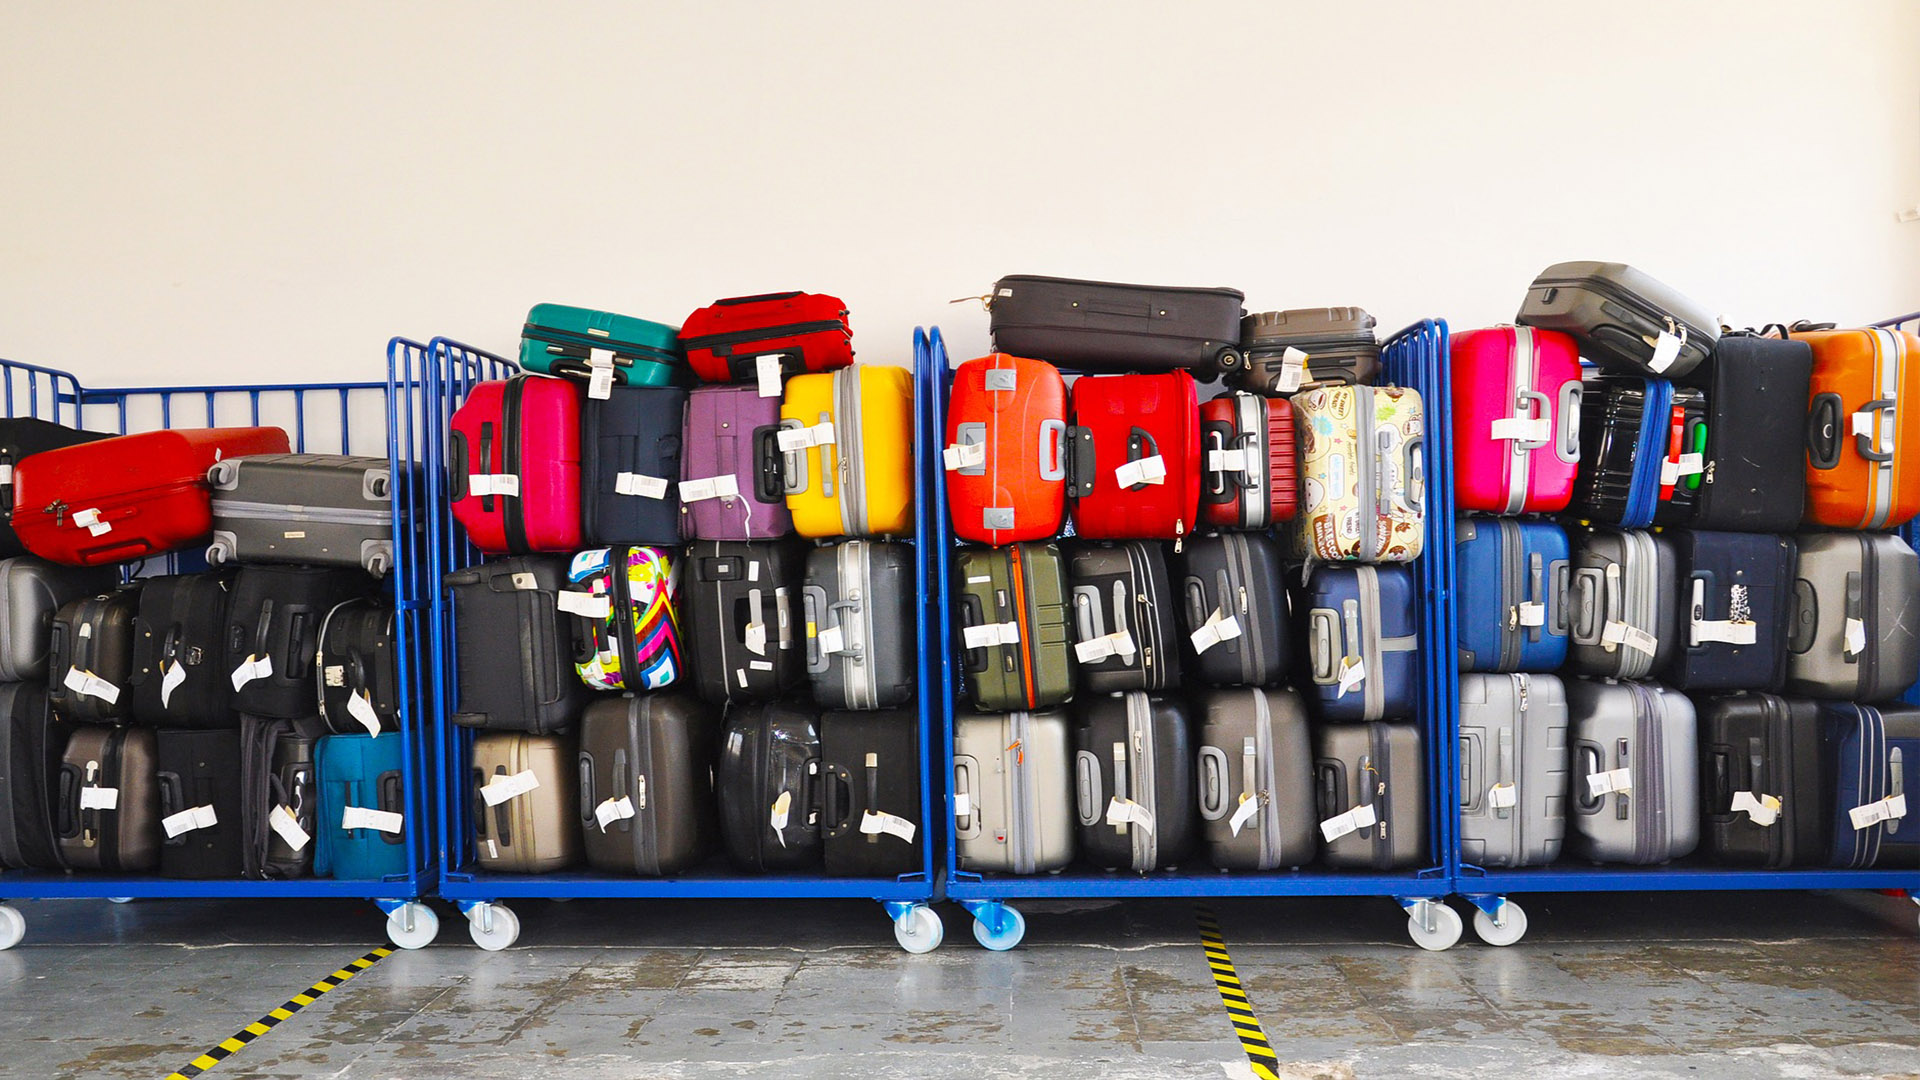 Há critérios para a abordagem de passageiros, mas elas não são divulgadas na sua totalidade, qualquer pessoas com voo para os Estados Unidos pode ter sua bagagem de mão vistoriada com mais detalhamento.